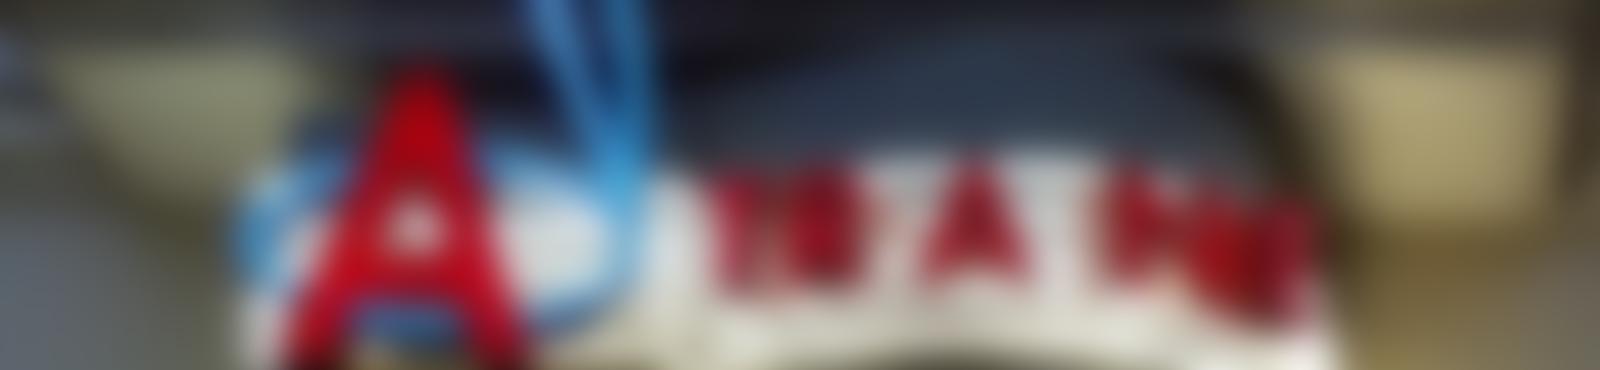 Blurred 18064 2